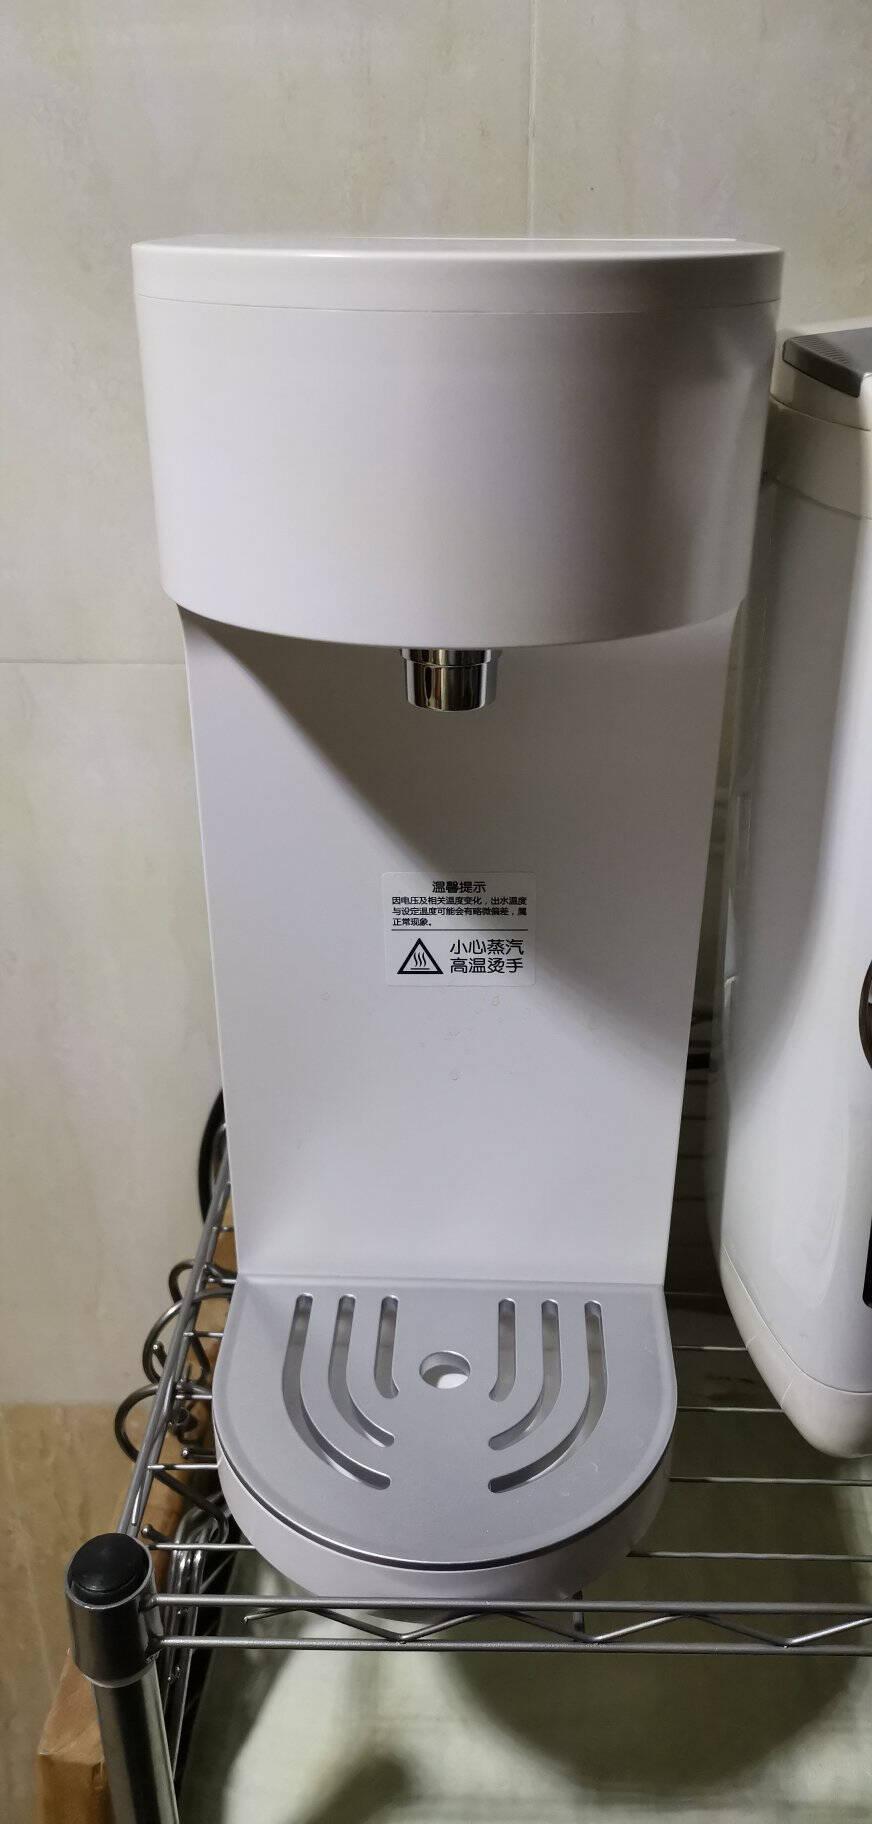 京东京造即热式饮水机速热饮水机家用台式即热饮水机茶吧机一键速热